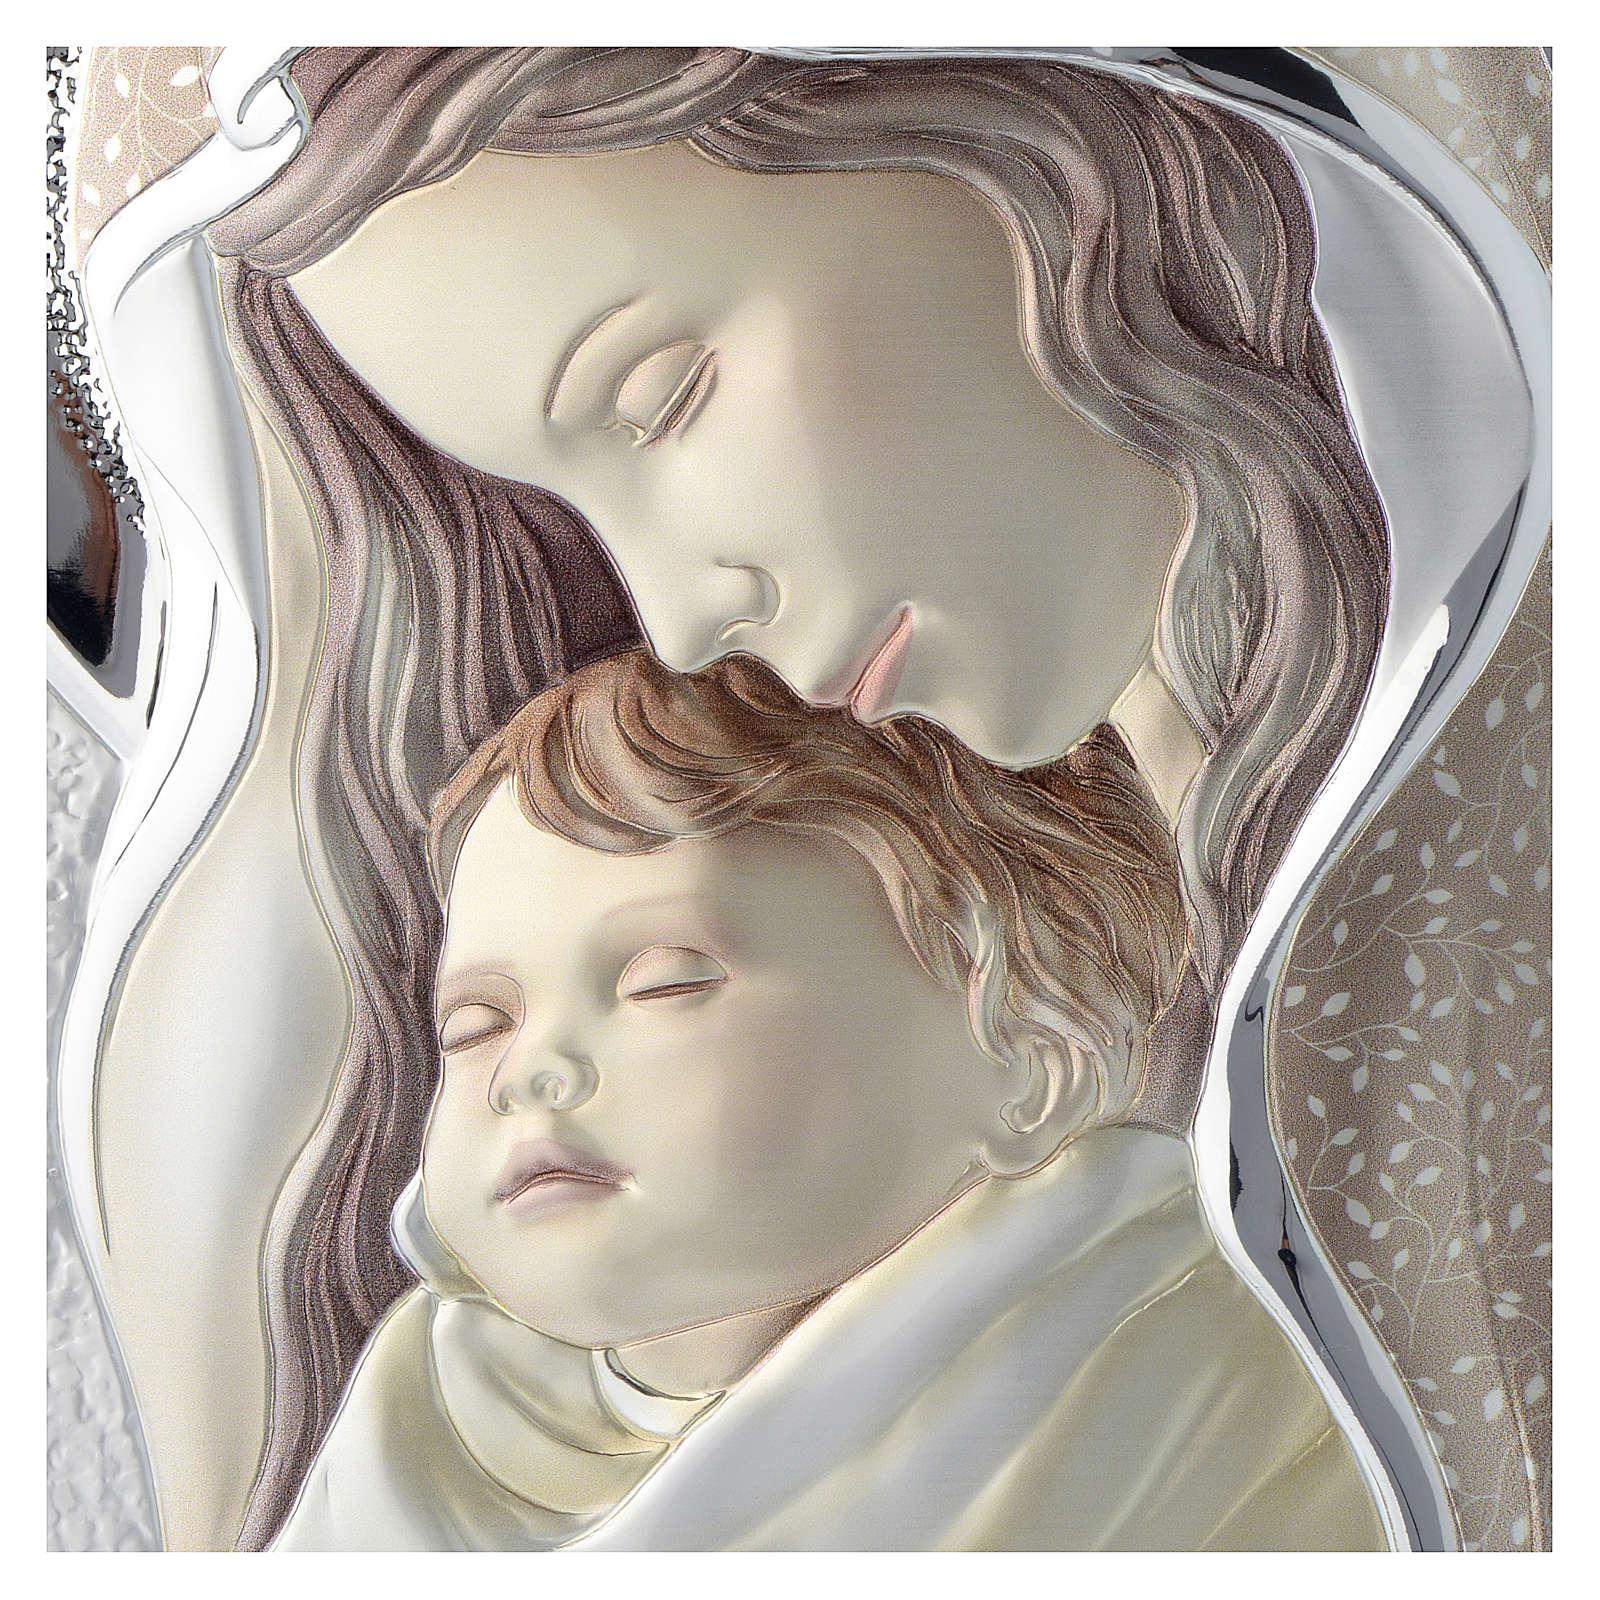 Cuadro Virgen y Niño plata coloreada tablo perfilada 3